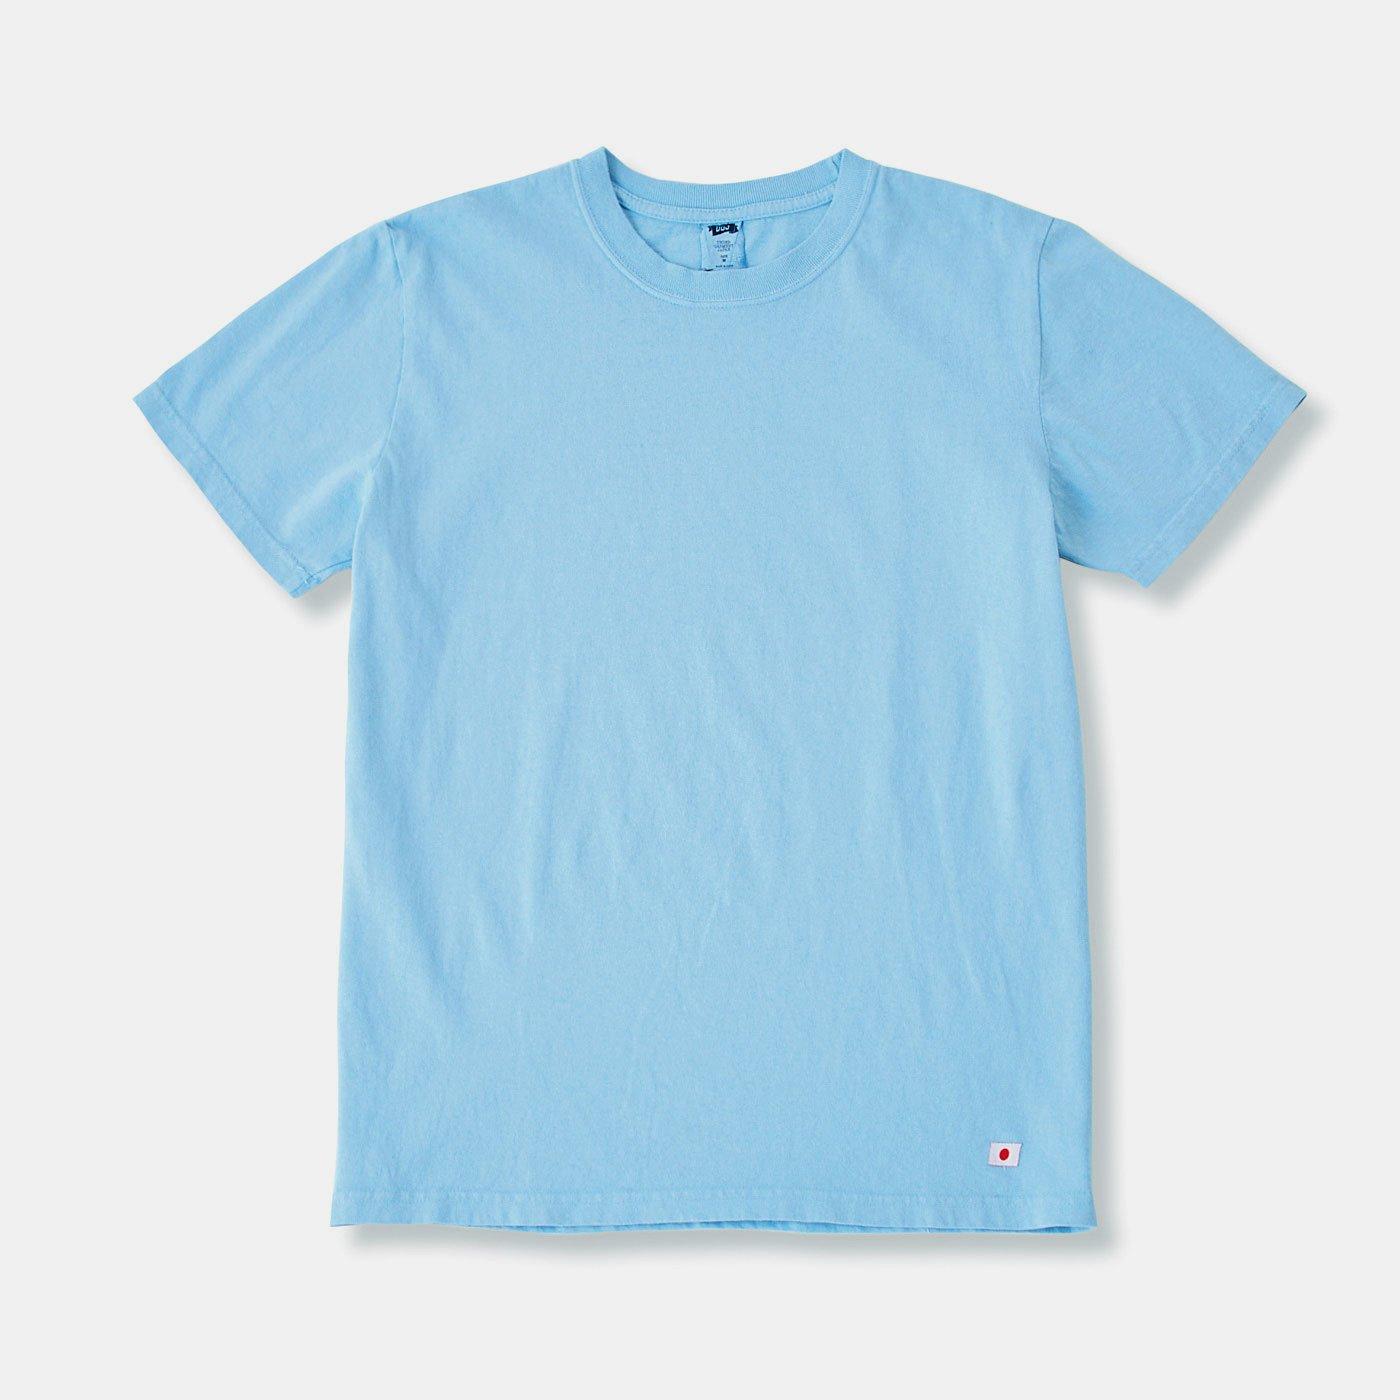 ざっくりな風合いがお気に入り 倉敷染め空紡糸(くうぼうし)コットンのワークTシャツの会